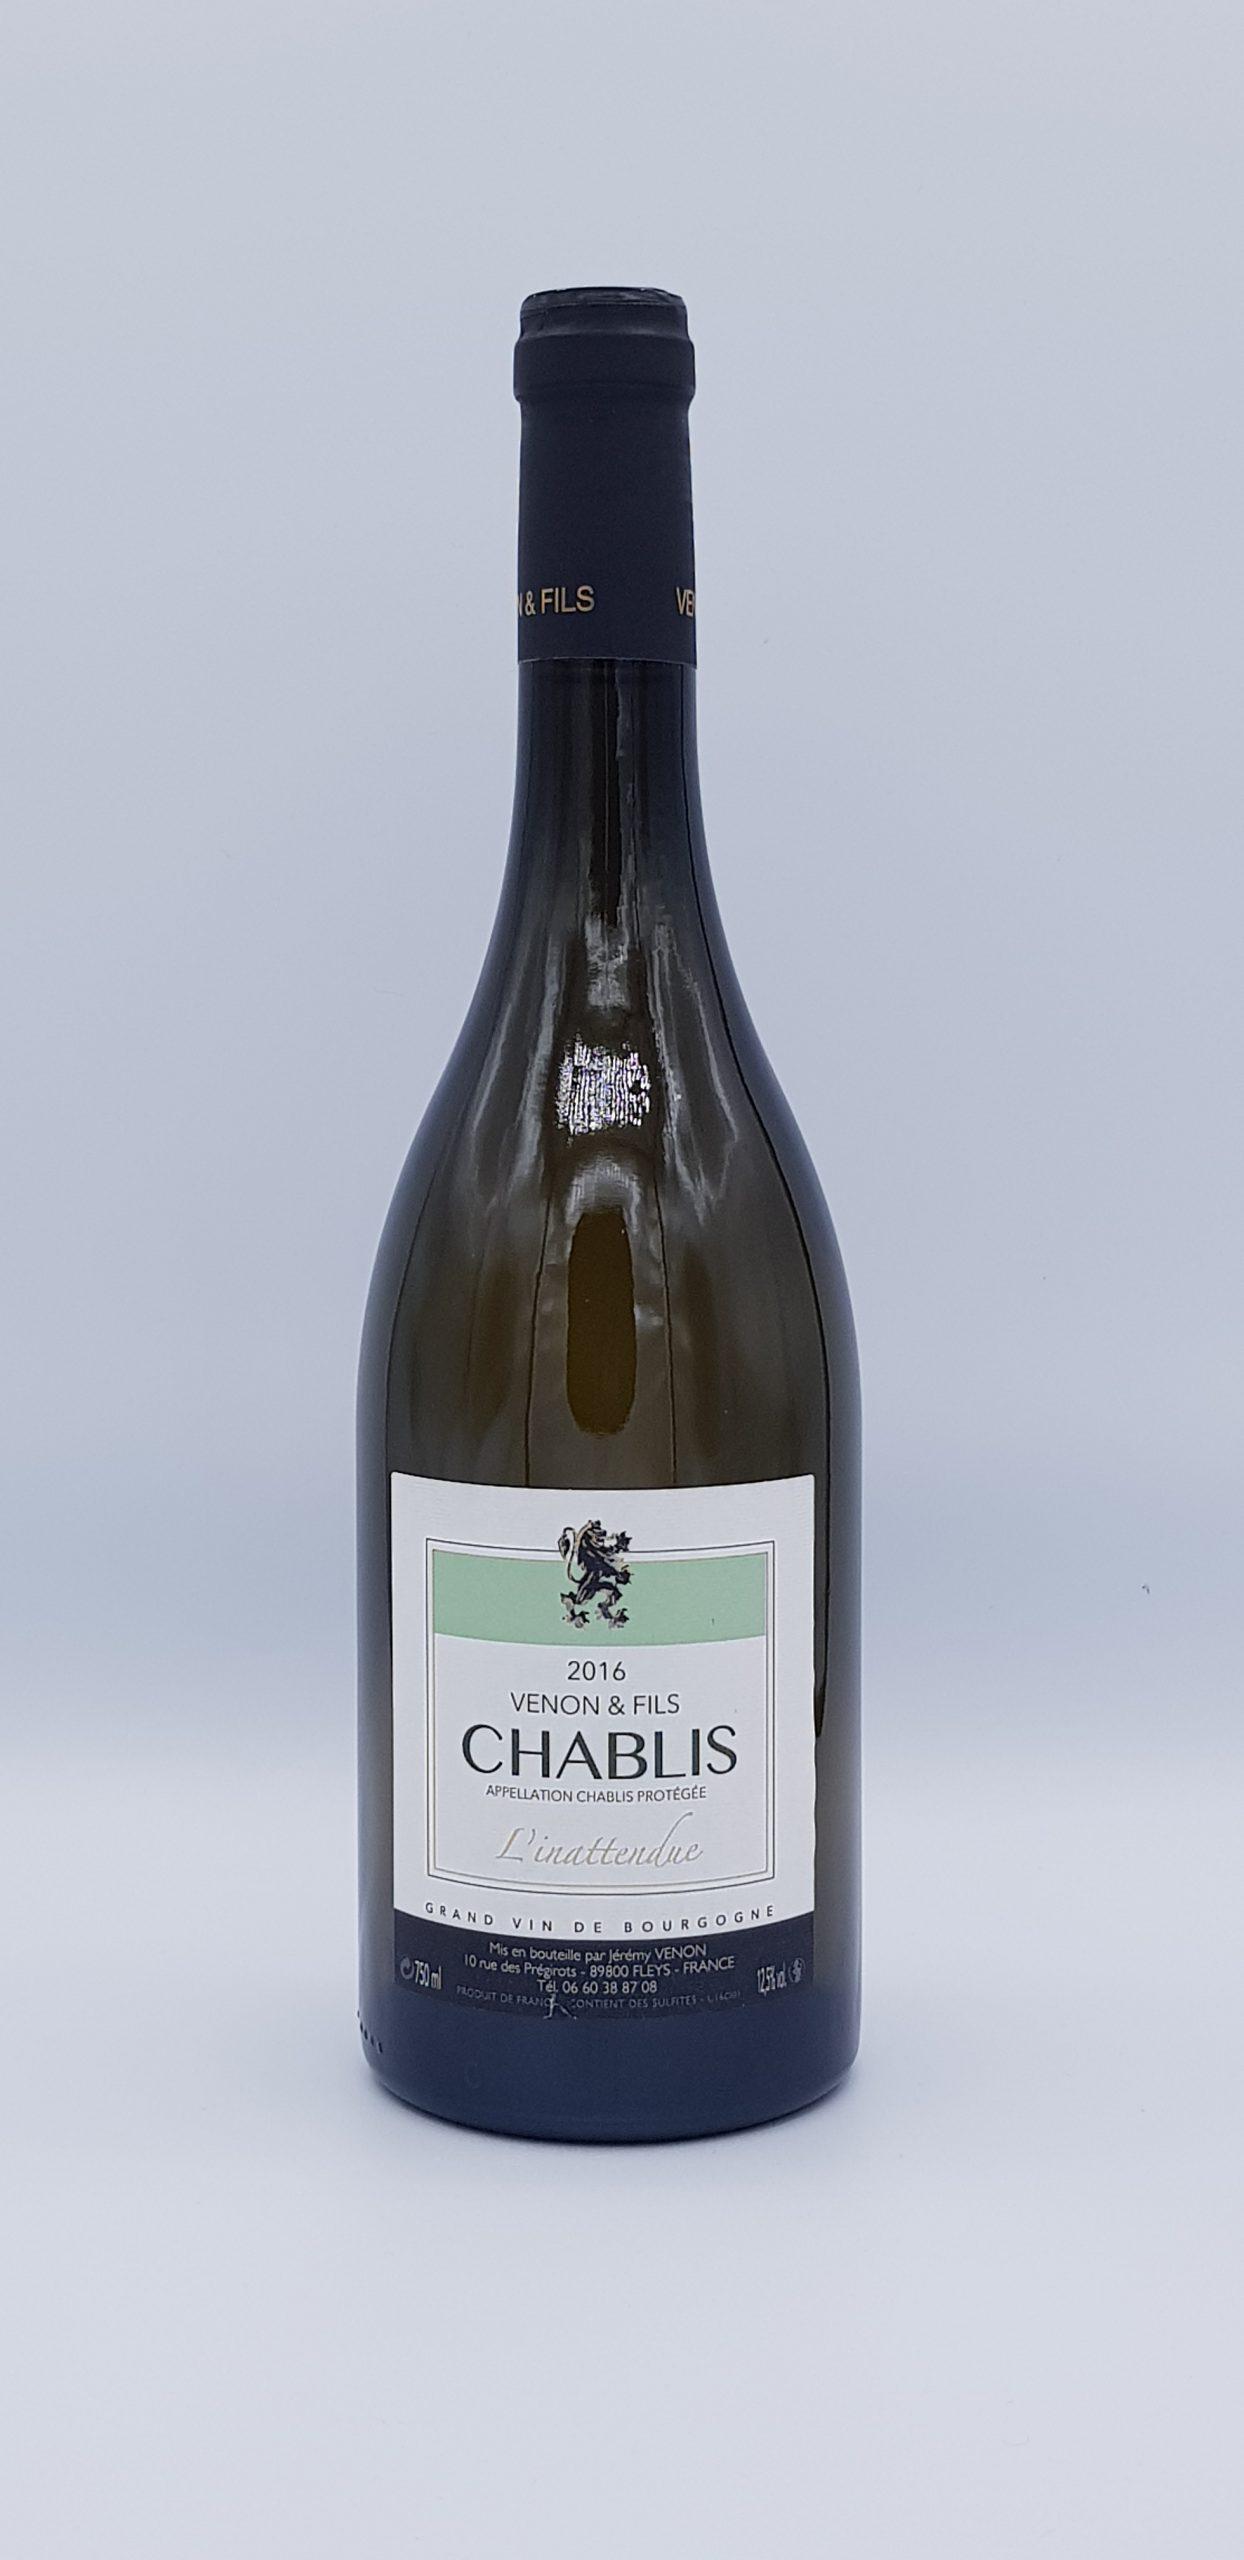 Bourgogne Chablis 2016 Blc Innattendue